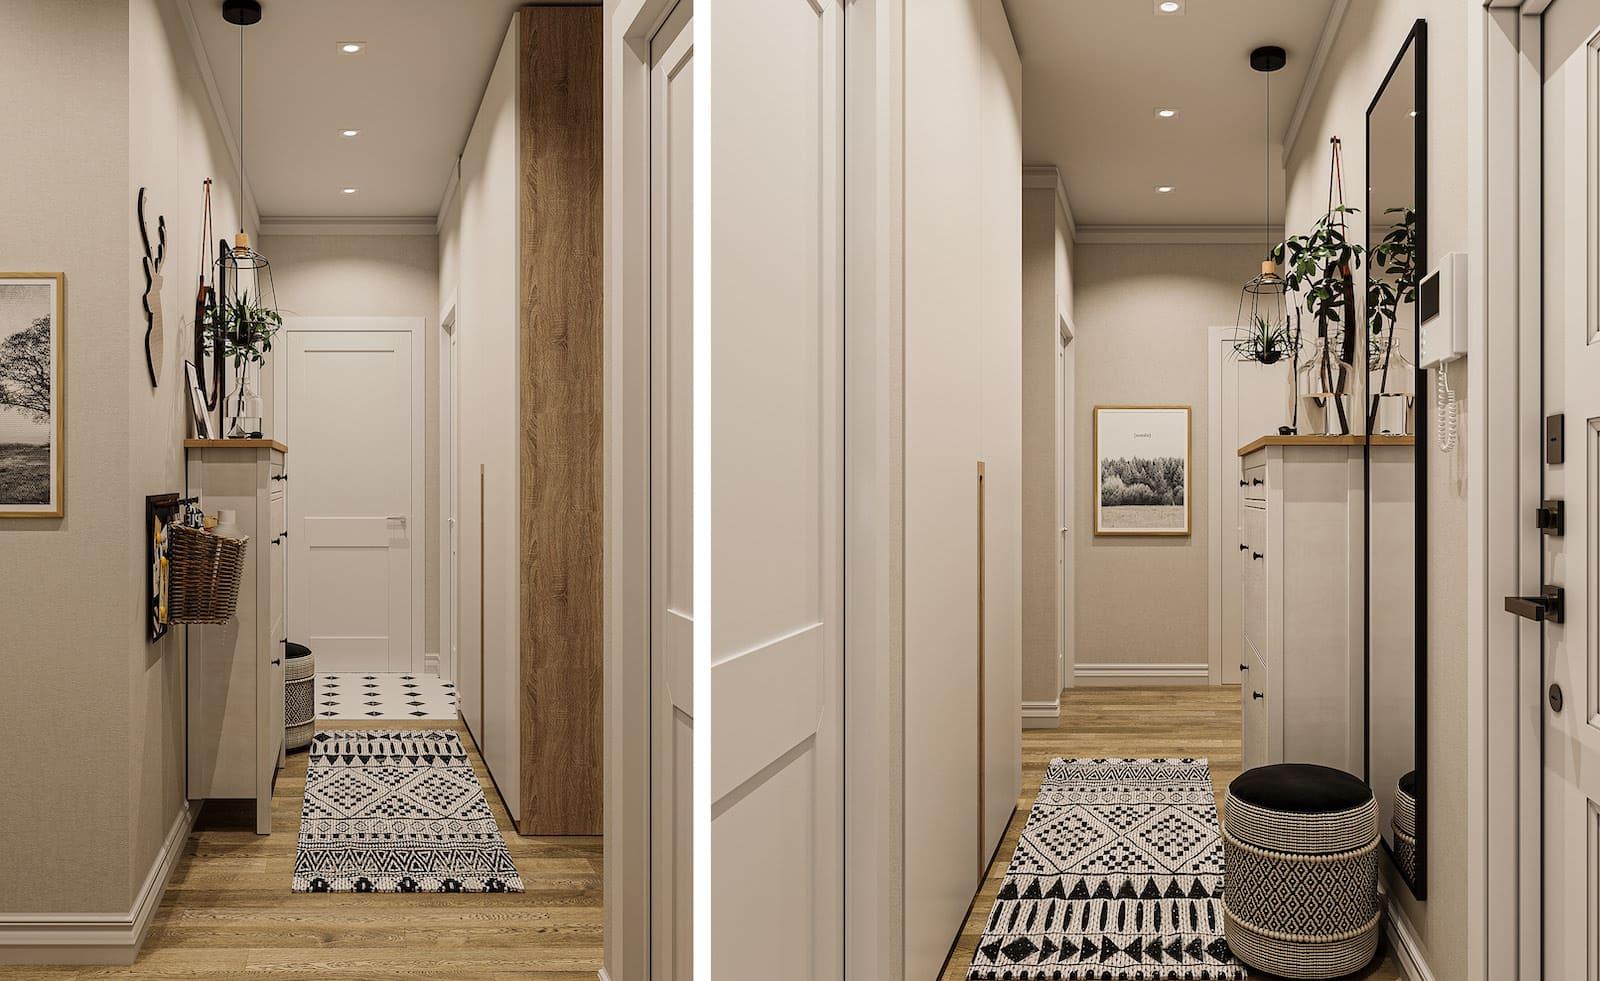 Conception d'un appartement d'une chambre simple photo 42